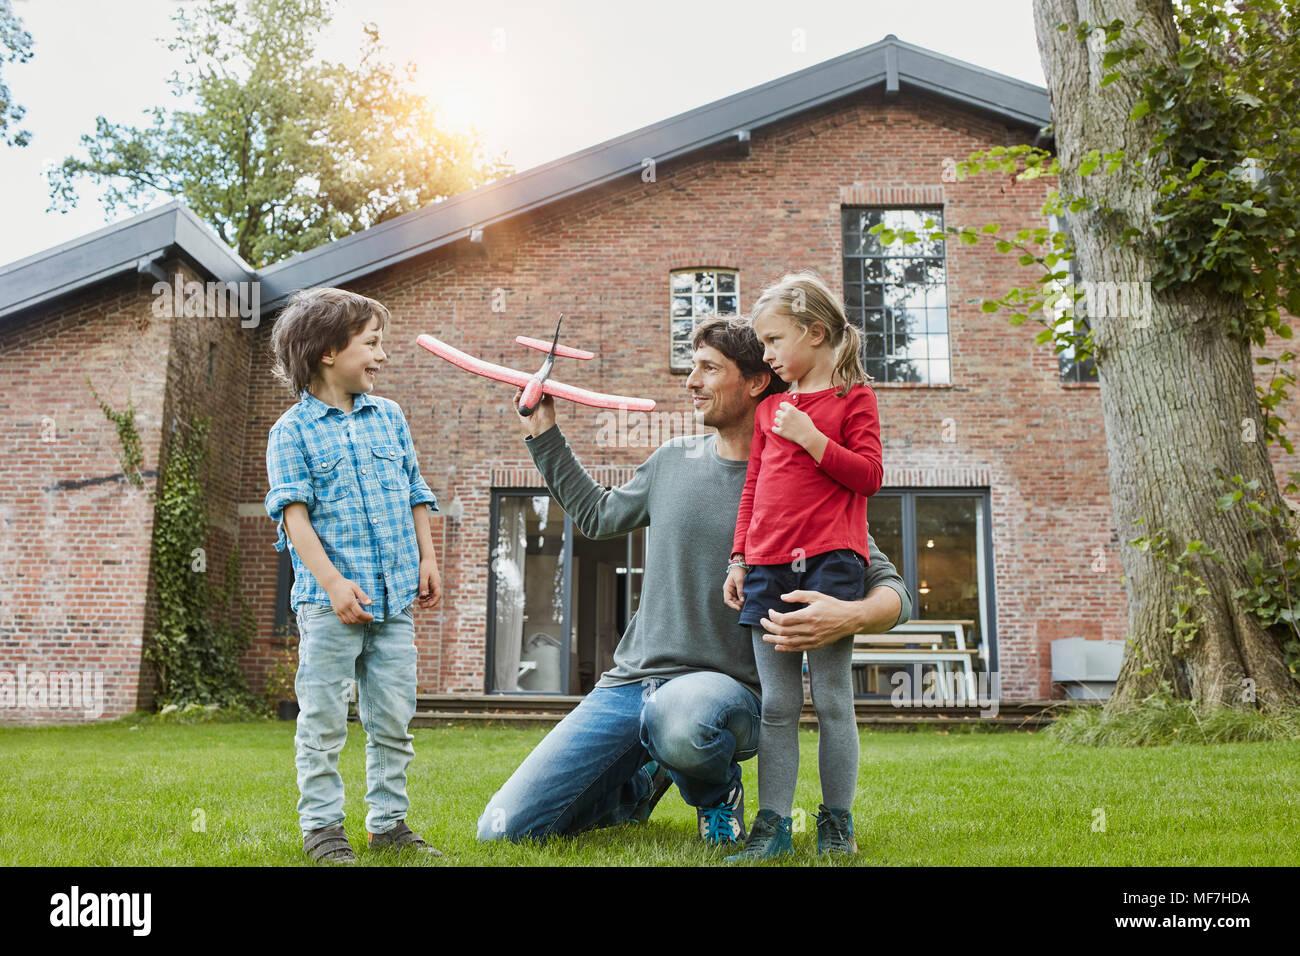 Père de deux enfants jouant avec toy airplane dans jardin de leur maison Photo Stock